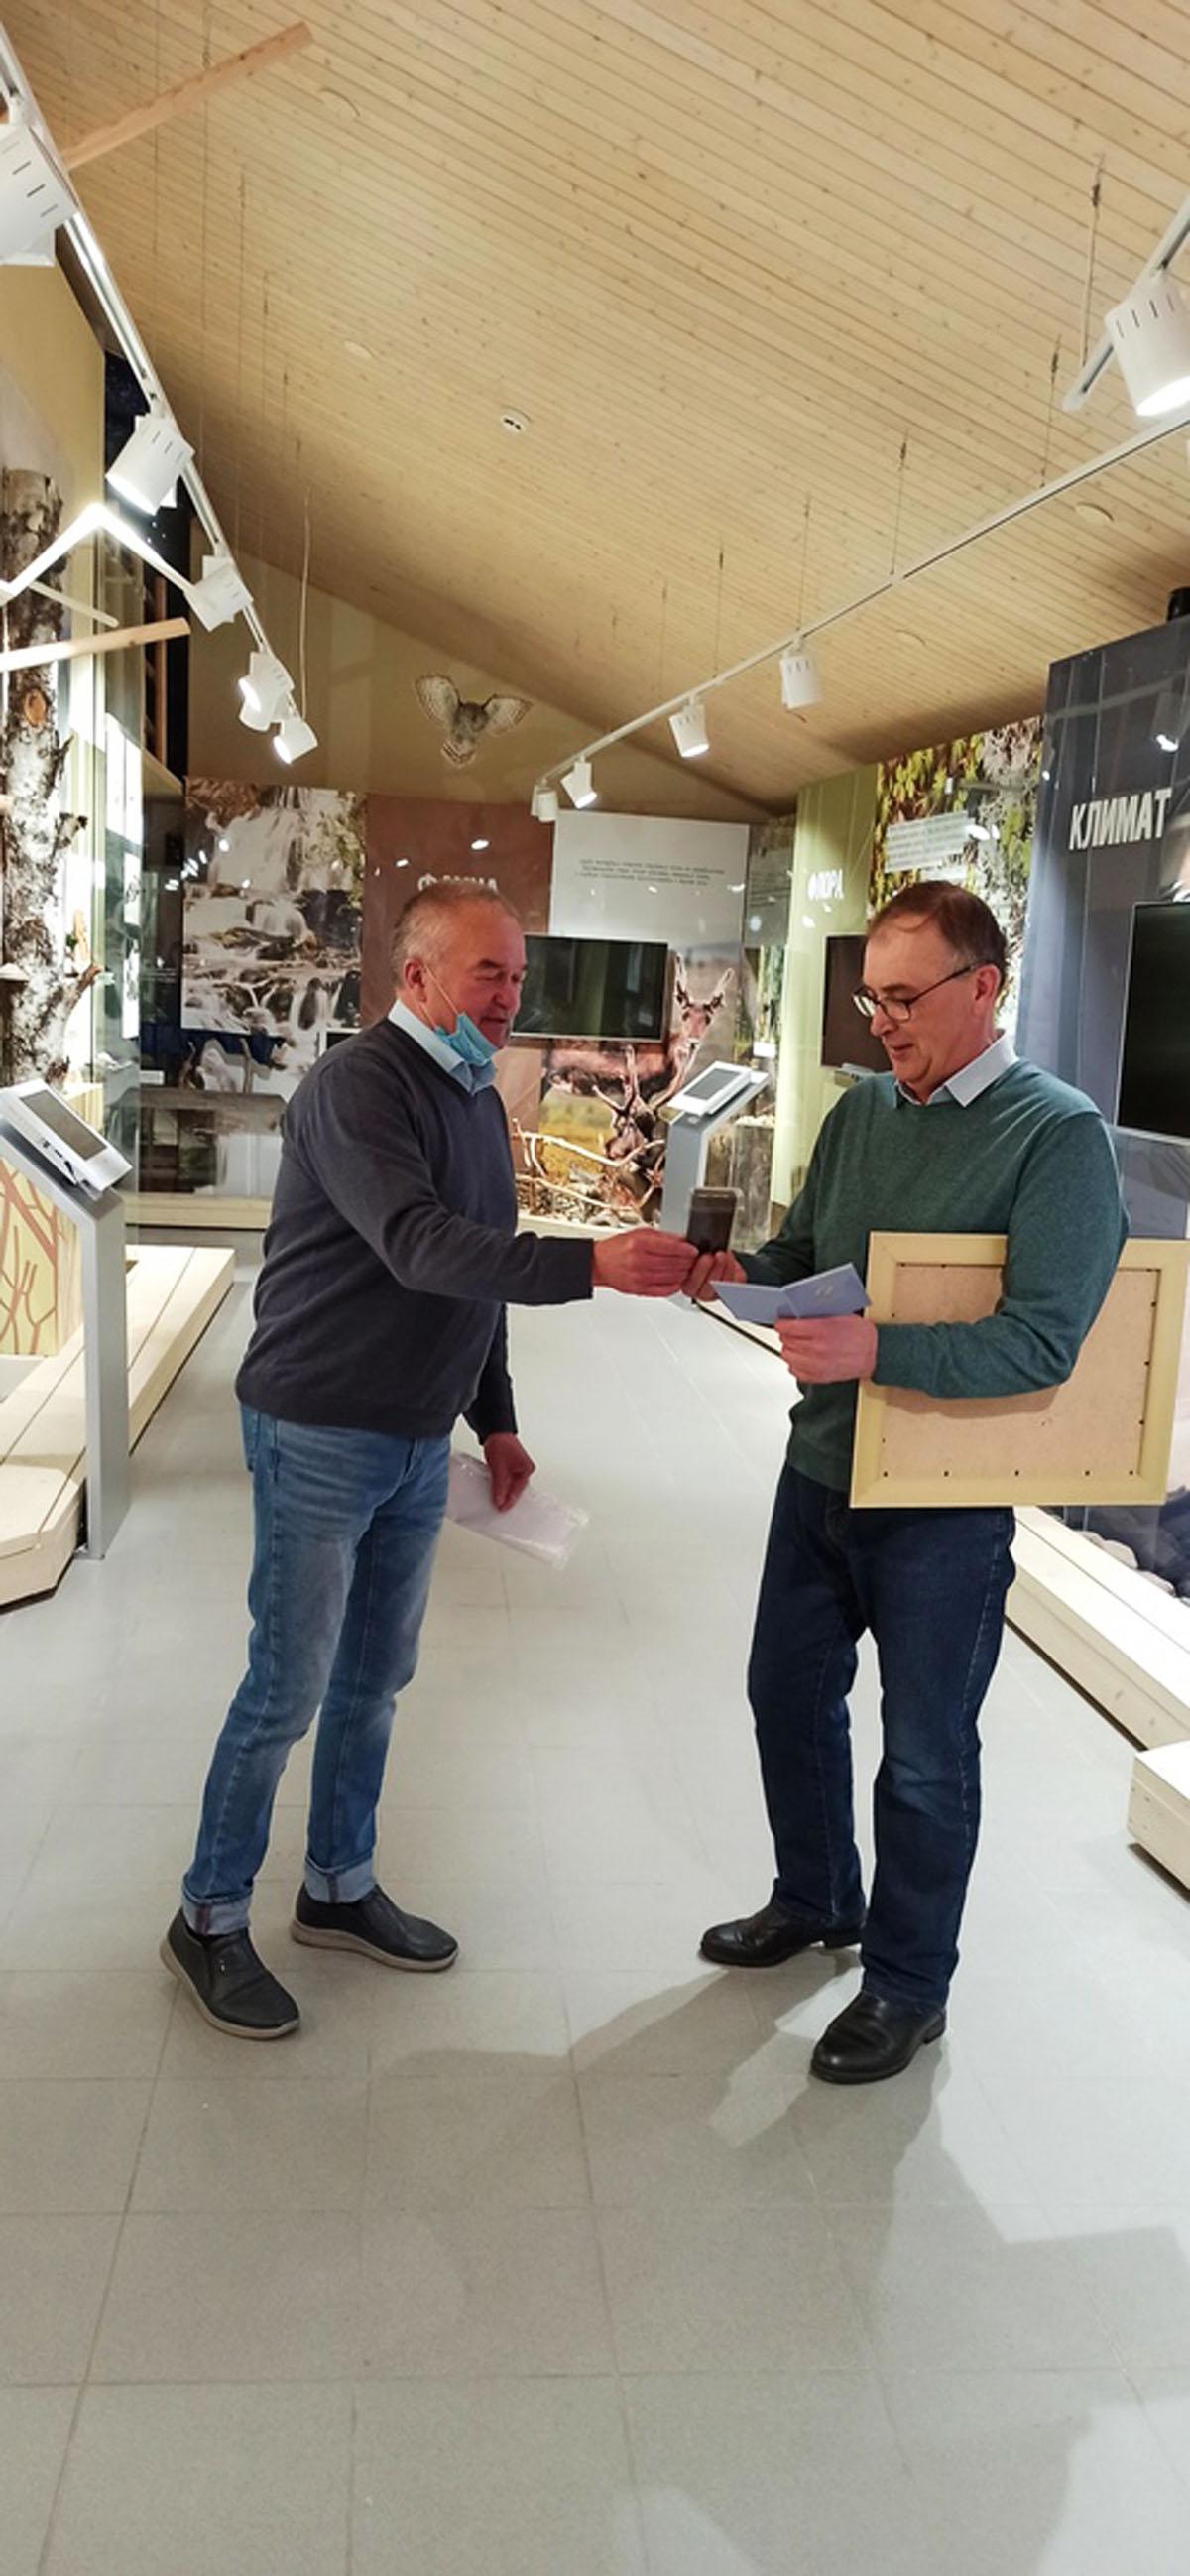 Александр Владимирович Бижон награждён Почётным знаком «За заслуги перед муниципальным образованием «Лоухский район»